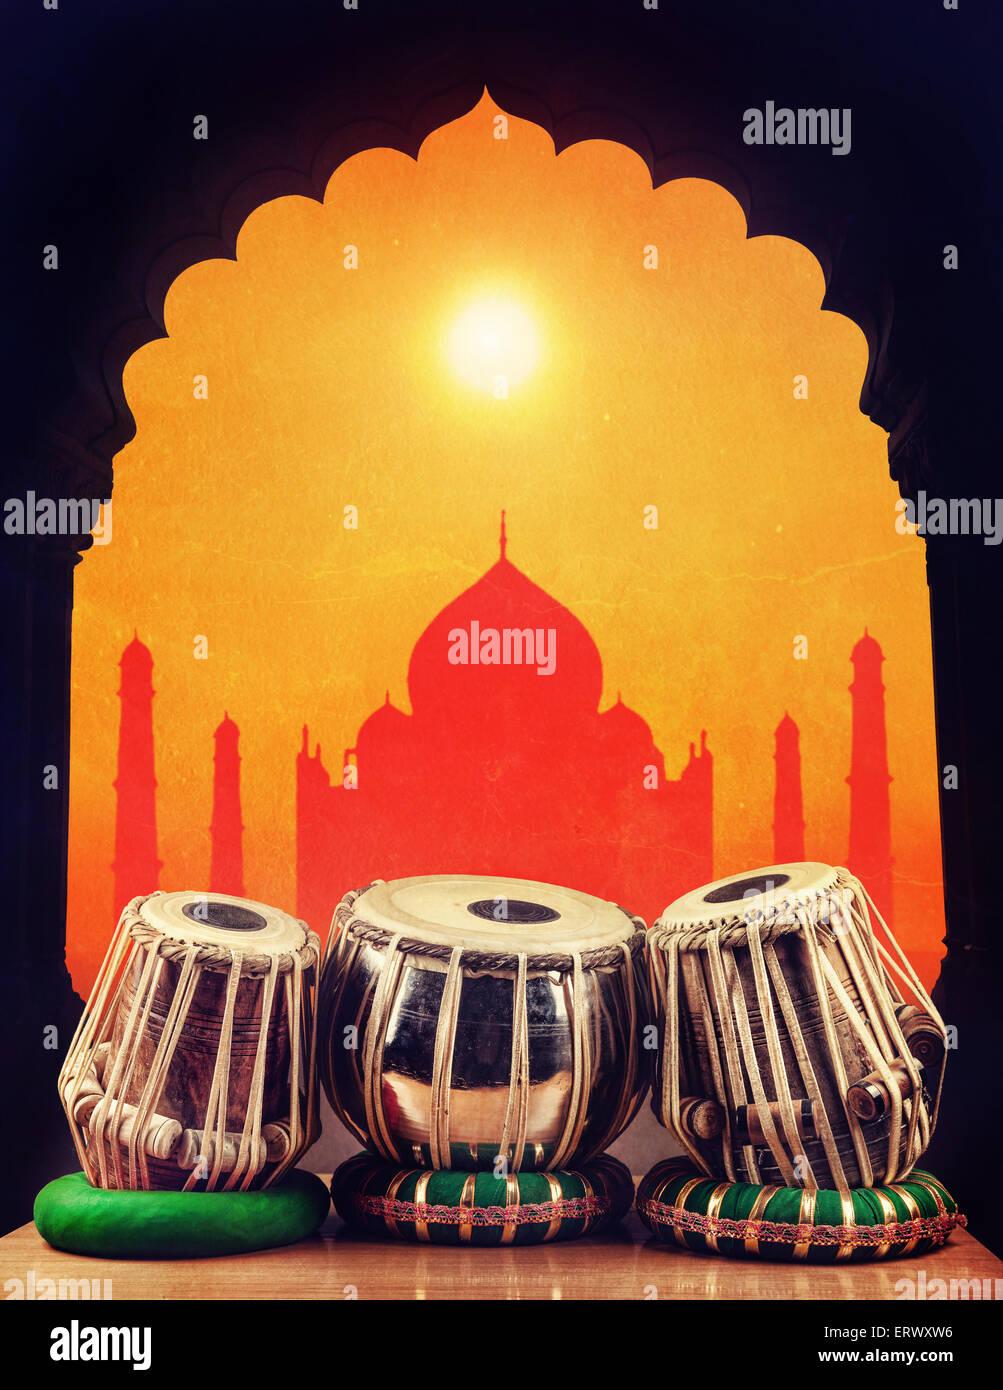 Klassische indische Musik Instrument Tabla-Trommeln am Taj Mahal Hintergrund in Indien Stockbild